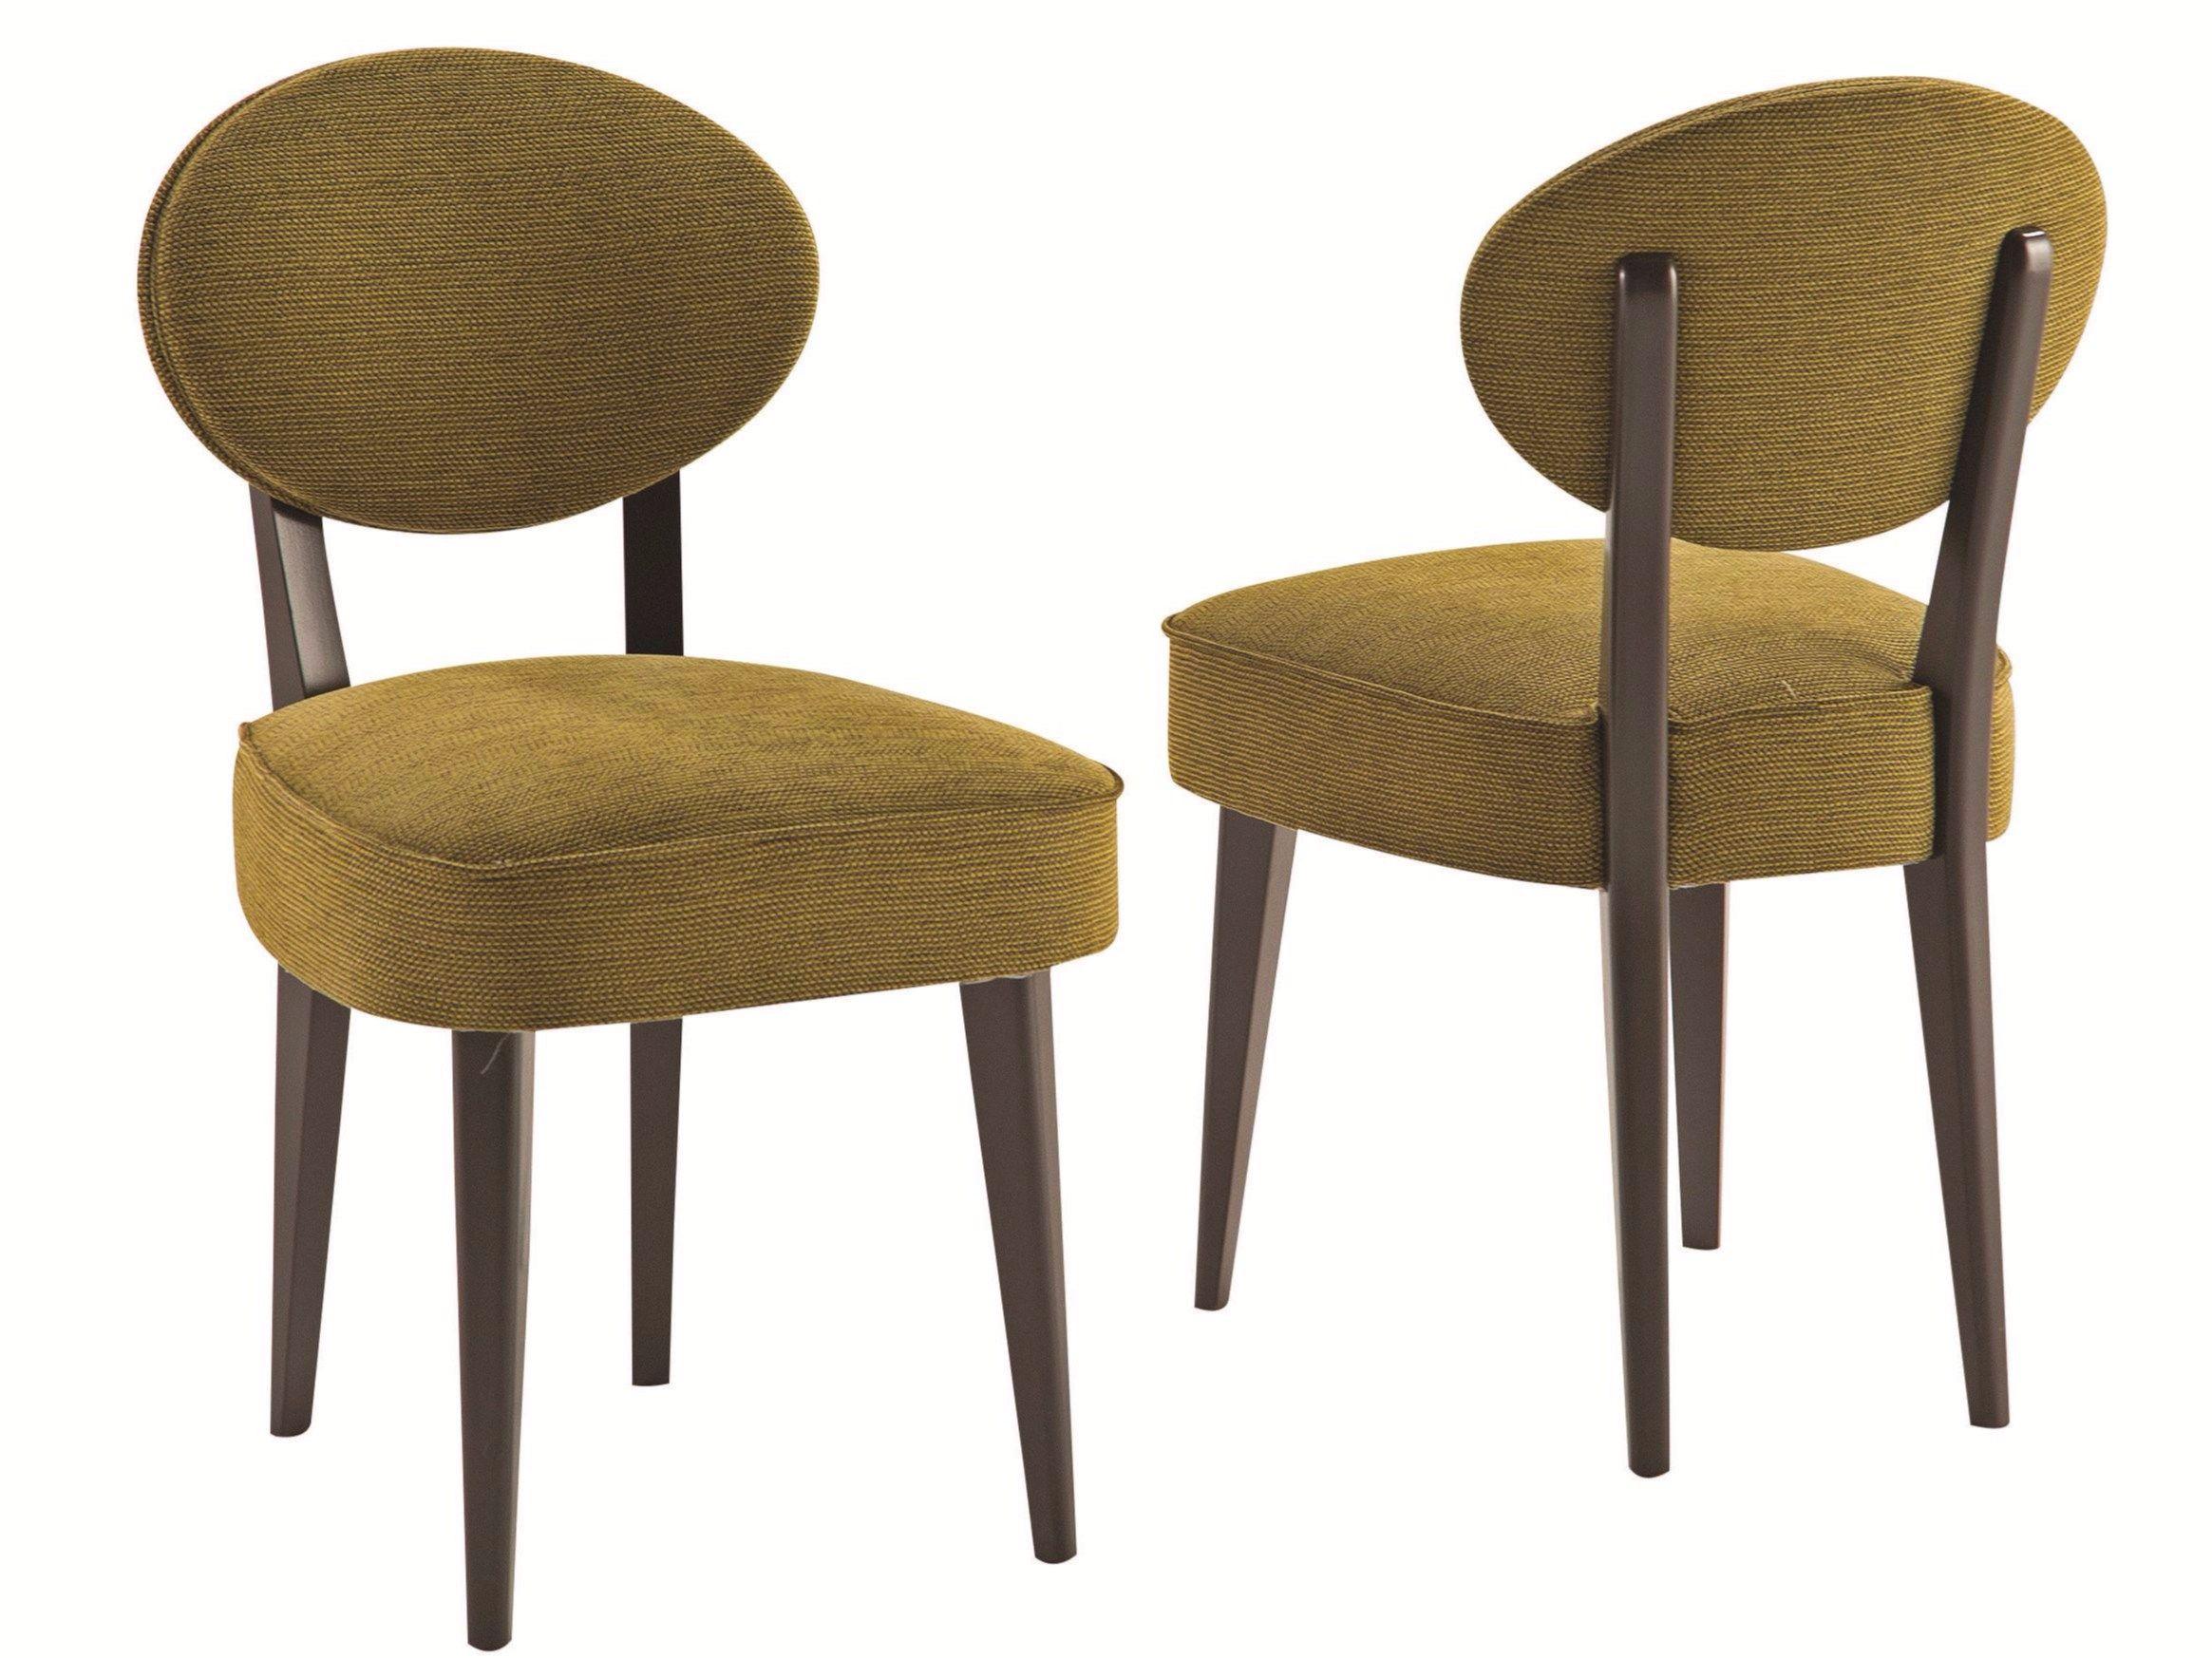 Sedia In Tessuto Con Schienale Aperto SPHERE Collezione Nouveaux Classiques  By ROCHE BOBOIS